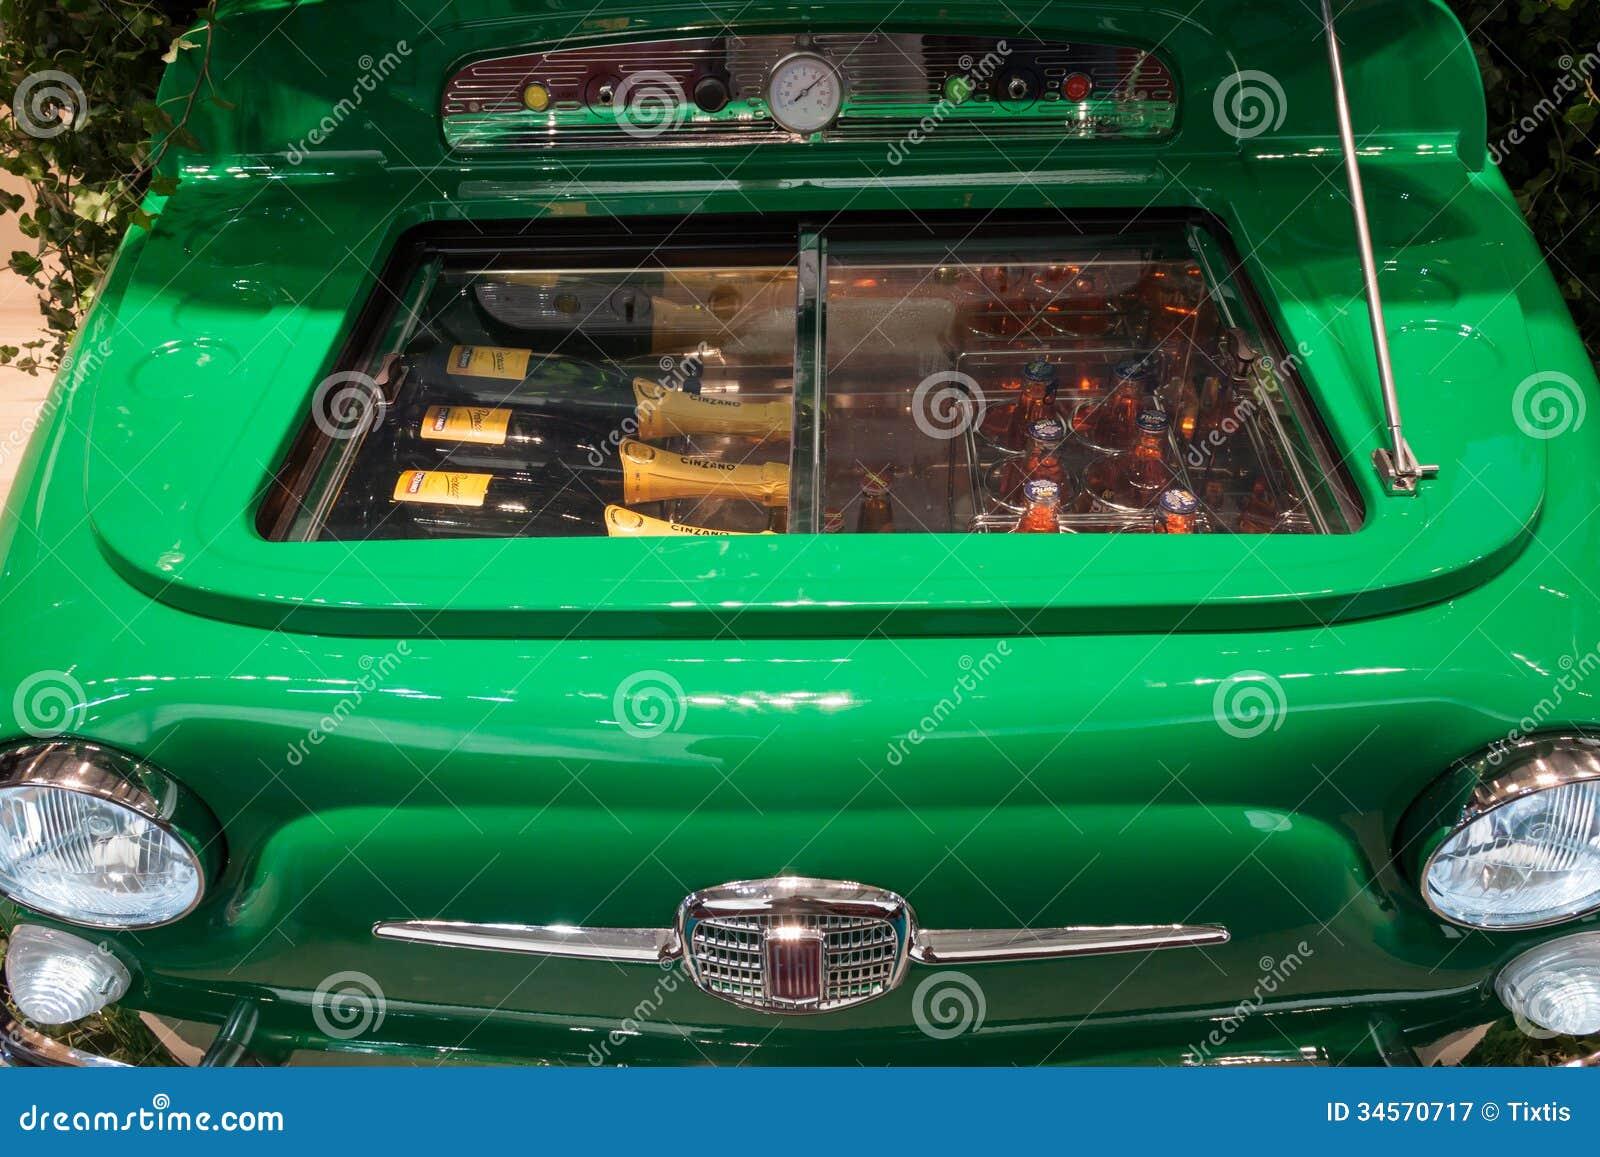 Fiat 500 Refrigerator At Host 2013 In Milan Italy Editorial